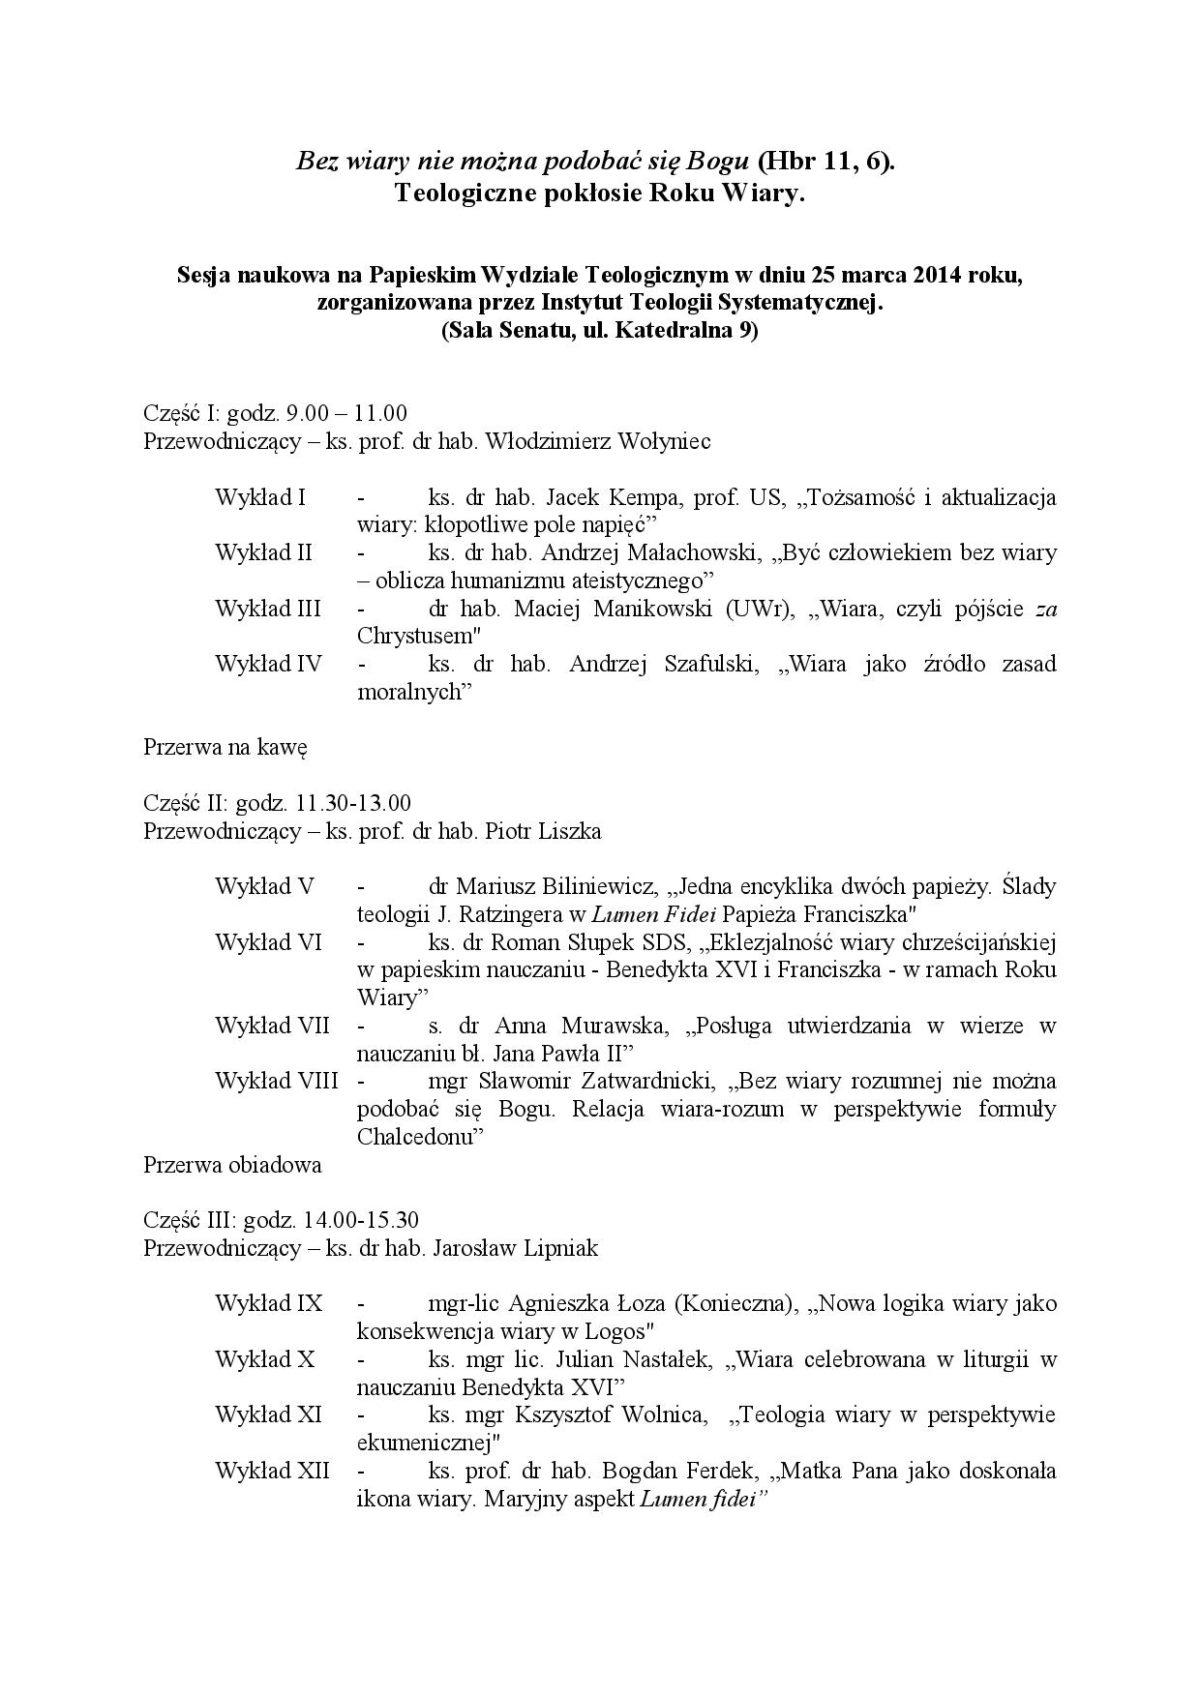 1ad3fdffa4a71 Teologiczne pokłosie Roku Wiary – sesja naukowa na Papieskim Wydziale  Teologicznym